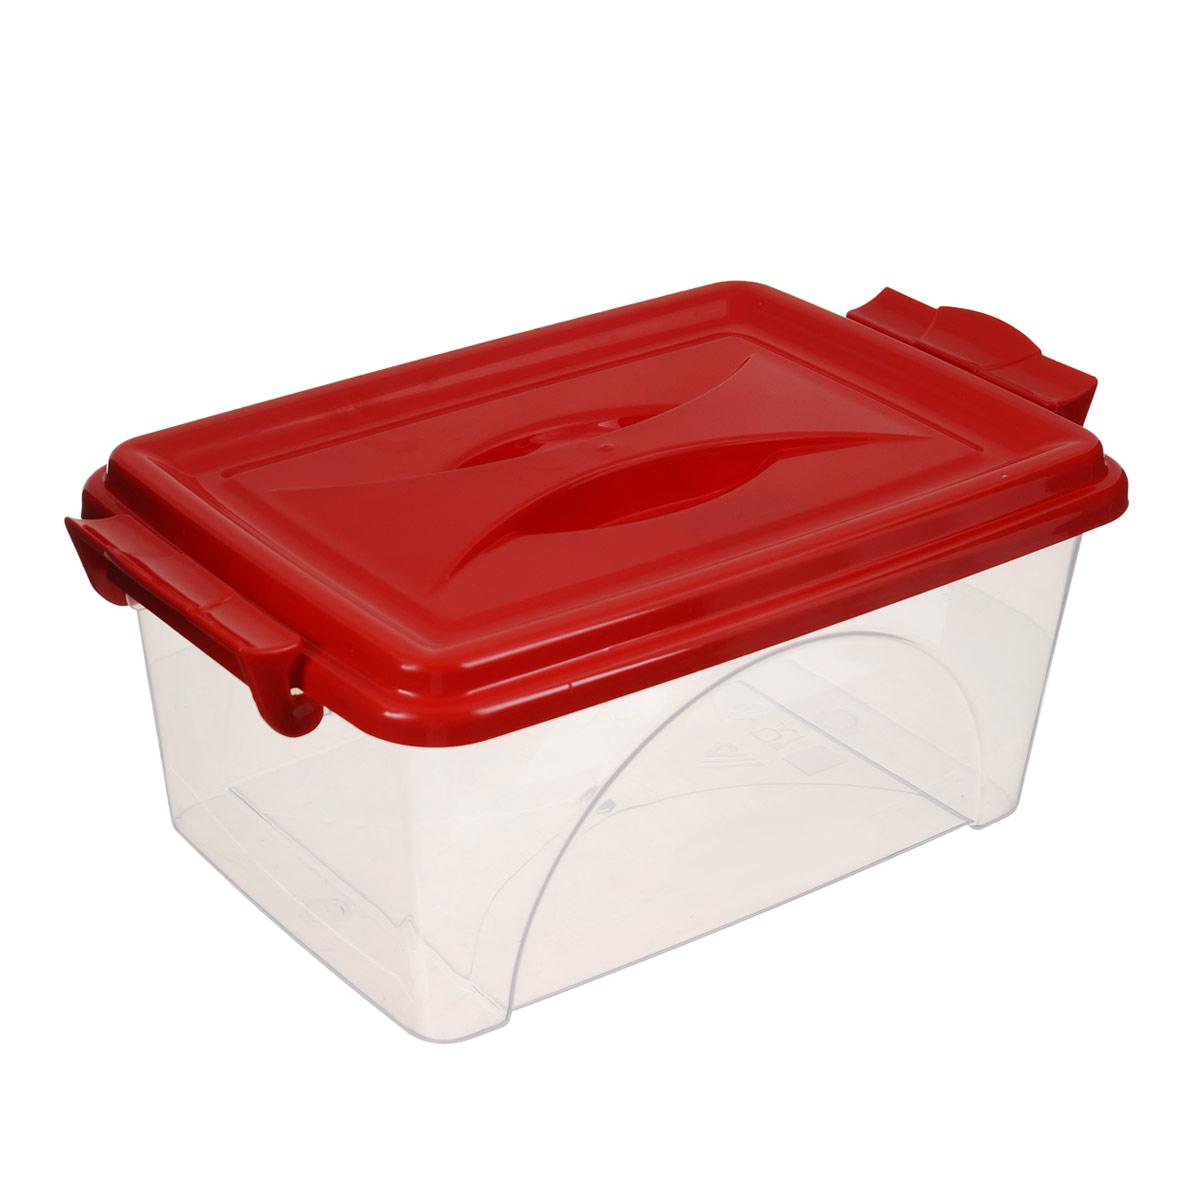 """Контейнер """"Альтернатива"""" выполнен из прочного пластика. Он предназначен для хранения различных мелких вещей. Крышка легко открывается и плотно закрывается. Прозрачные стенки позволяют видеть содержимое. По бокам предусмотрены две удобные ручки, с помощью которых контейнер закрывается.Контейнер поможет хранить все в одном месте, а также защитить вещи от пыли, грязи и влаги.Уважаемые клиенты!Обращаем ваше внимание на то, что цвет ручек товара может меняться в зависимости от прихода на склад."""